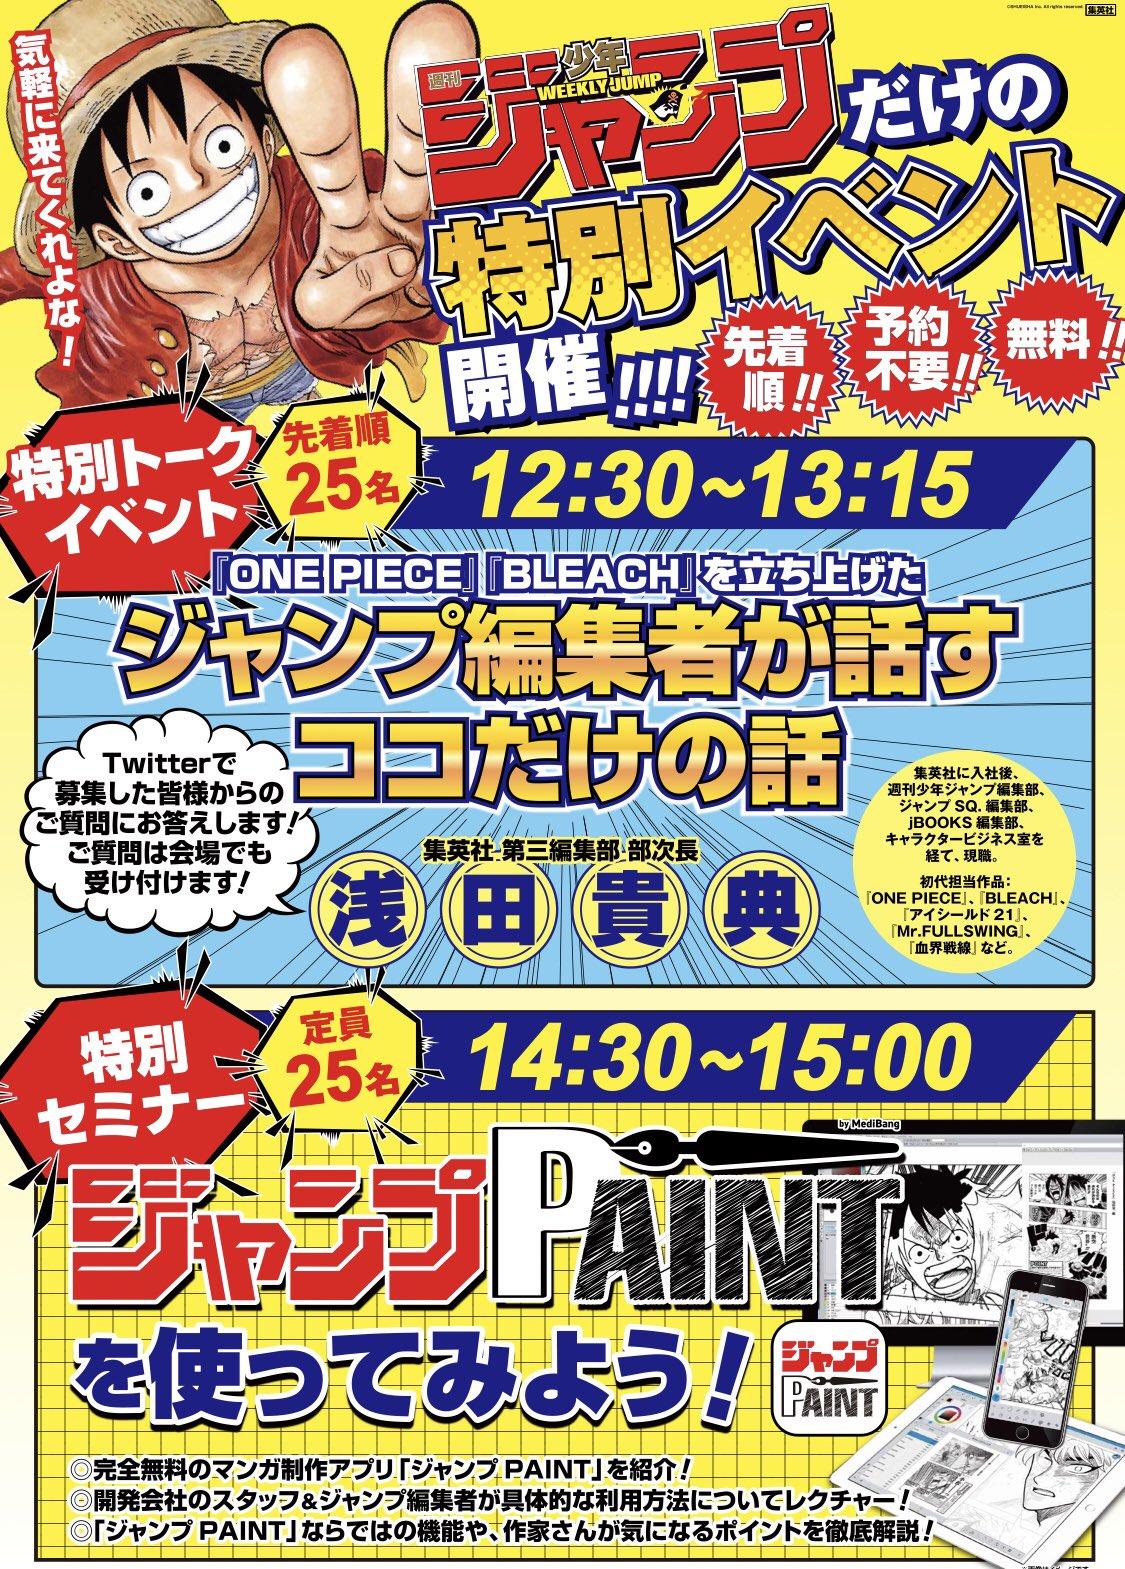 コミティア131ジャンプ+出張編集部&ジャンプルーキー!/ジャンプPAINT出展!